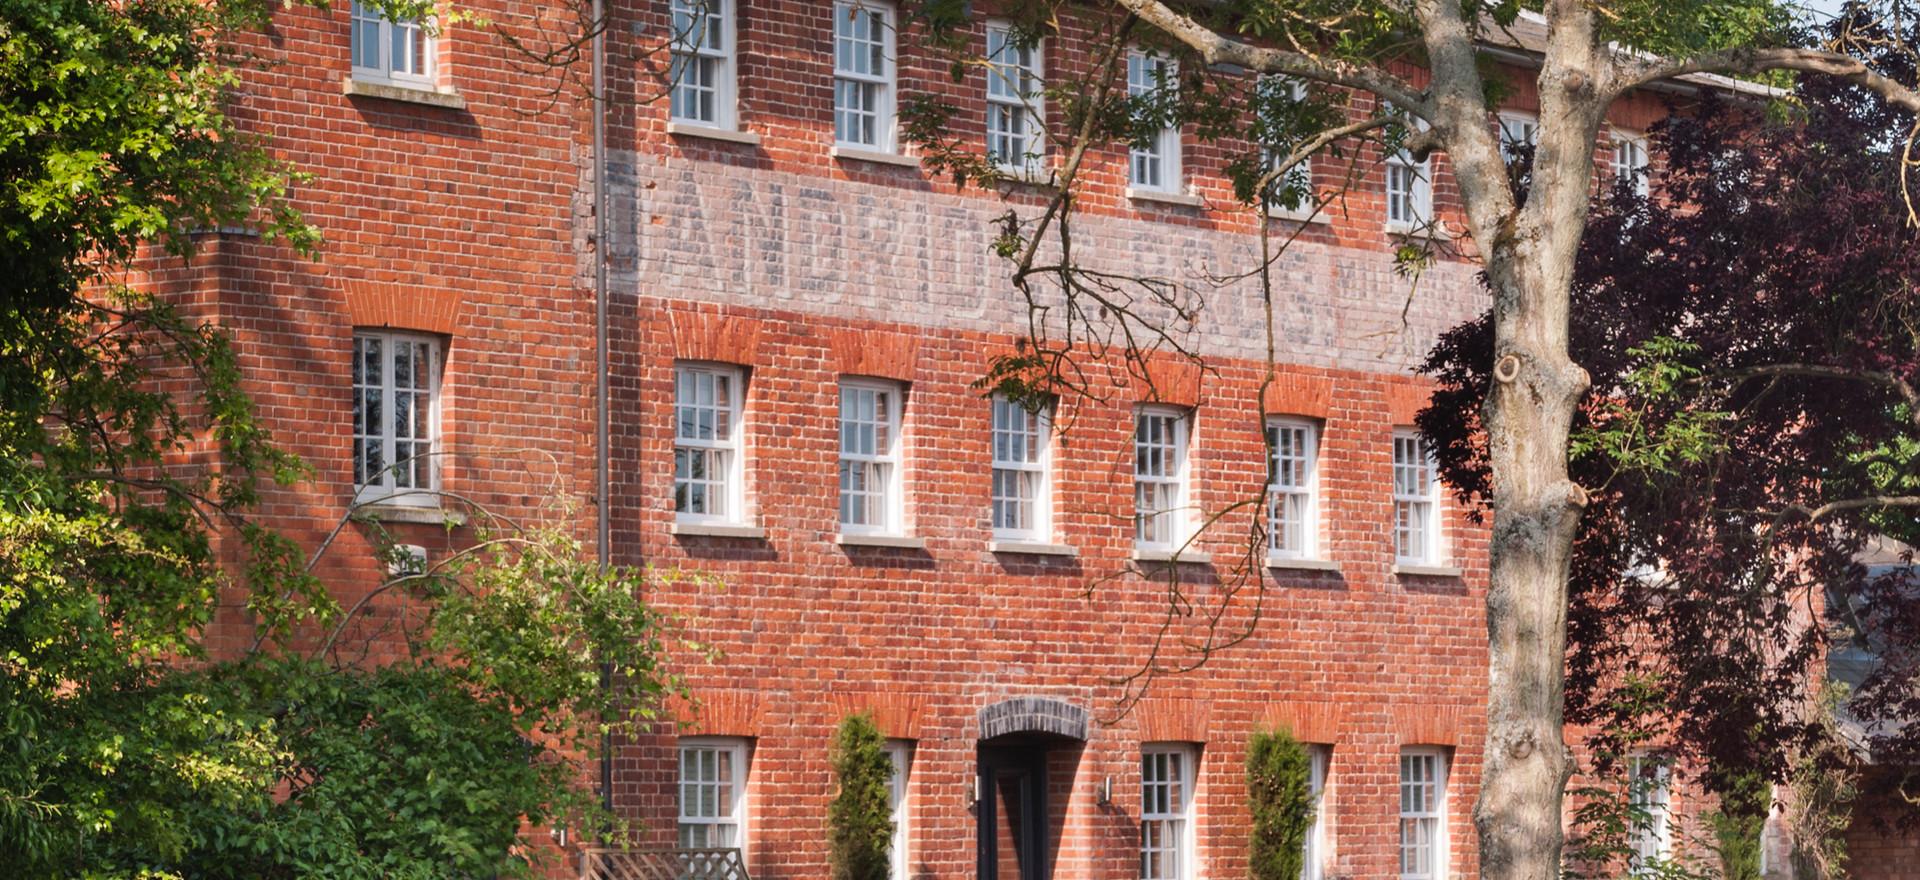 Dandridge's Mill